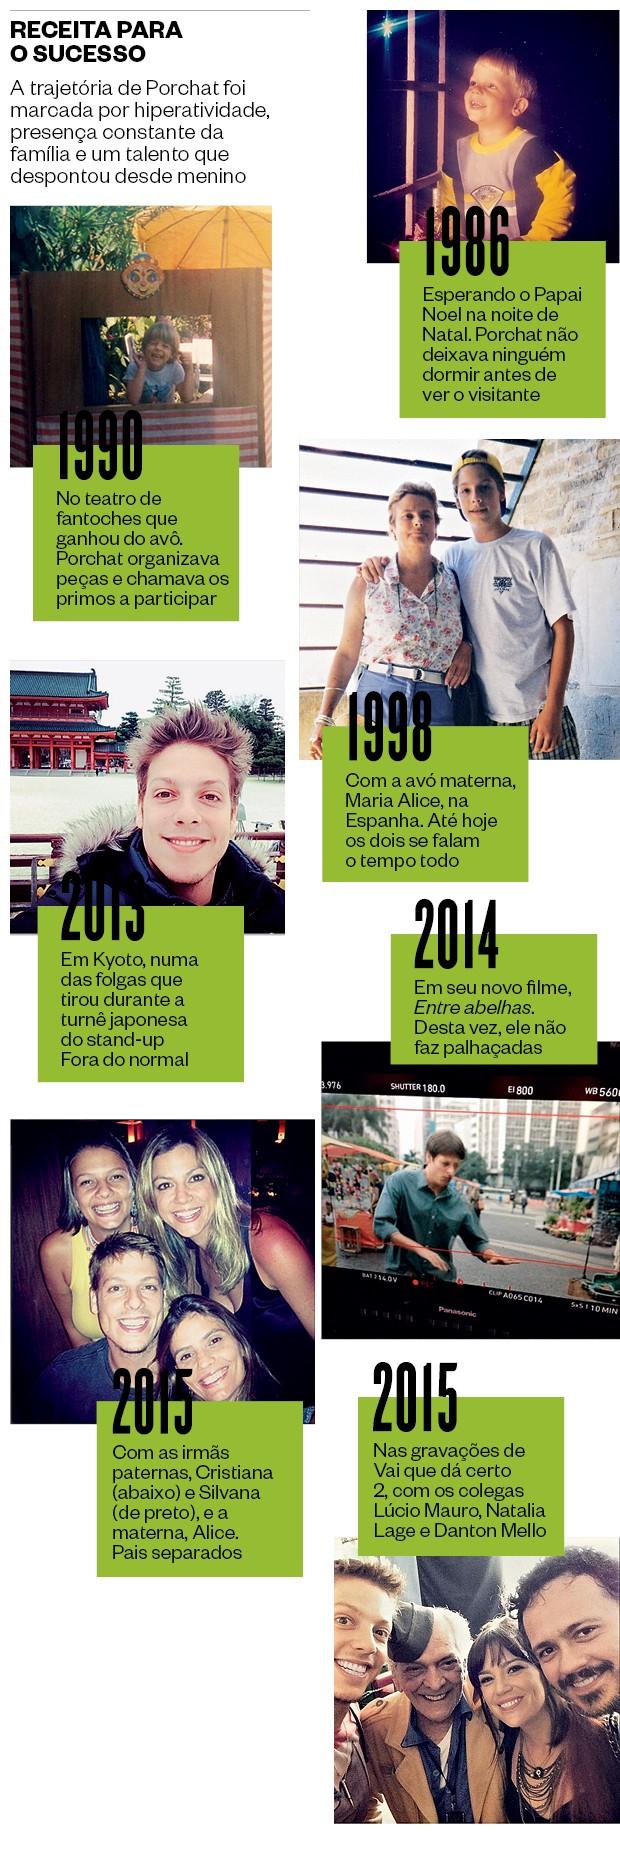 Notícias - Magazine cover